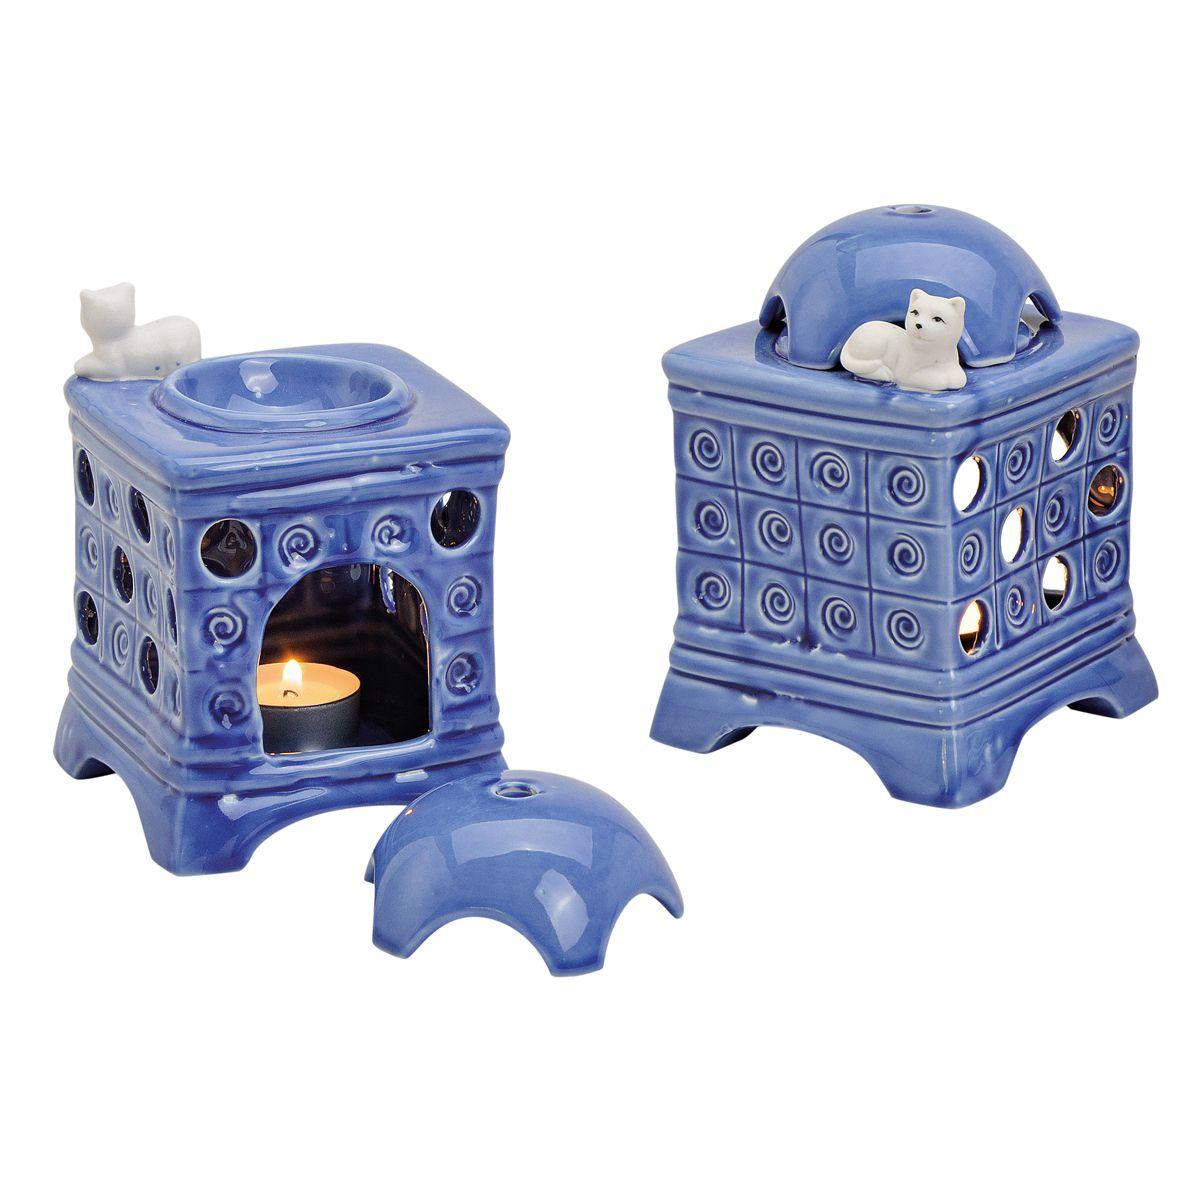 Candle-lite USA · svíčky · elektrické svíčky · obtisky na svíčky · adventní.